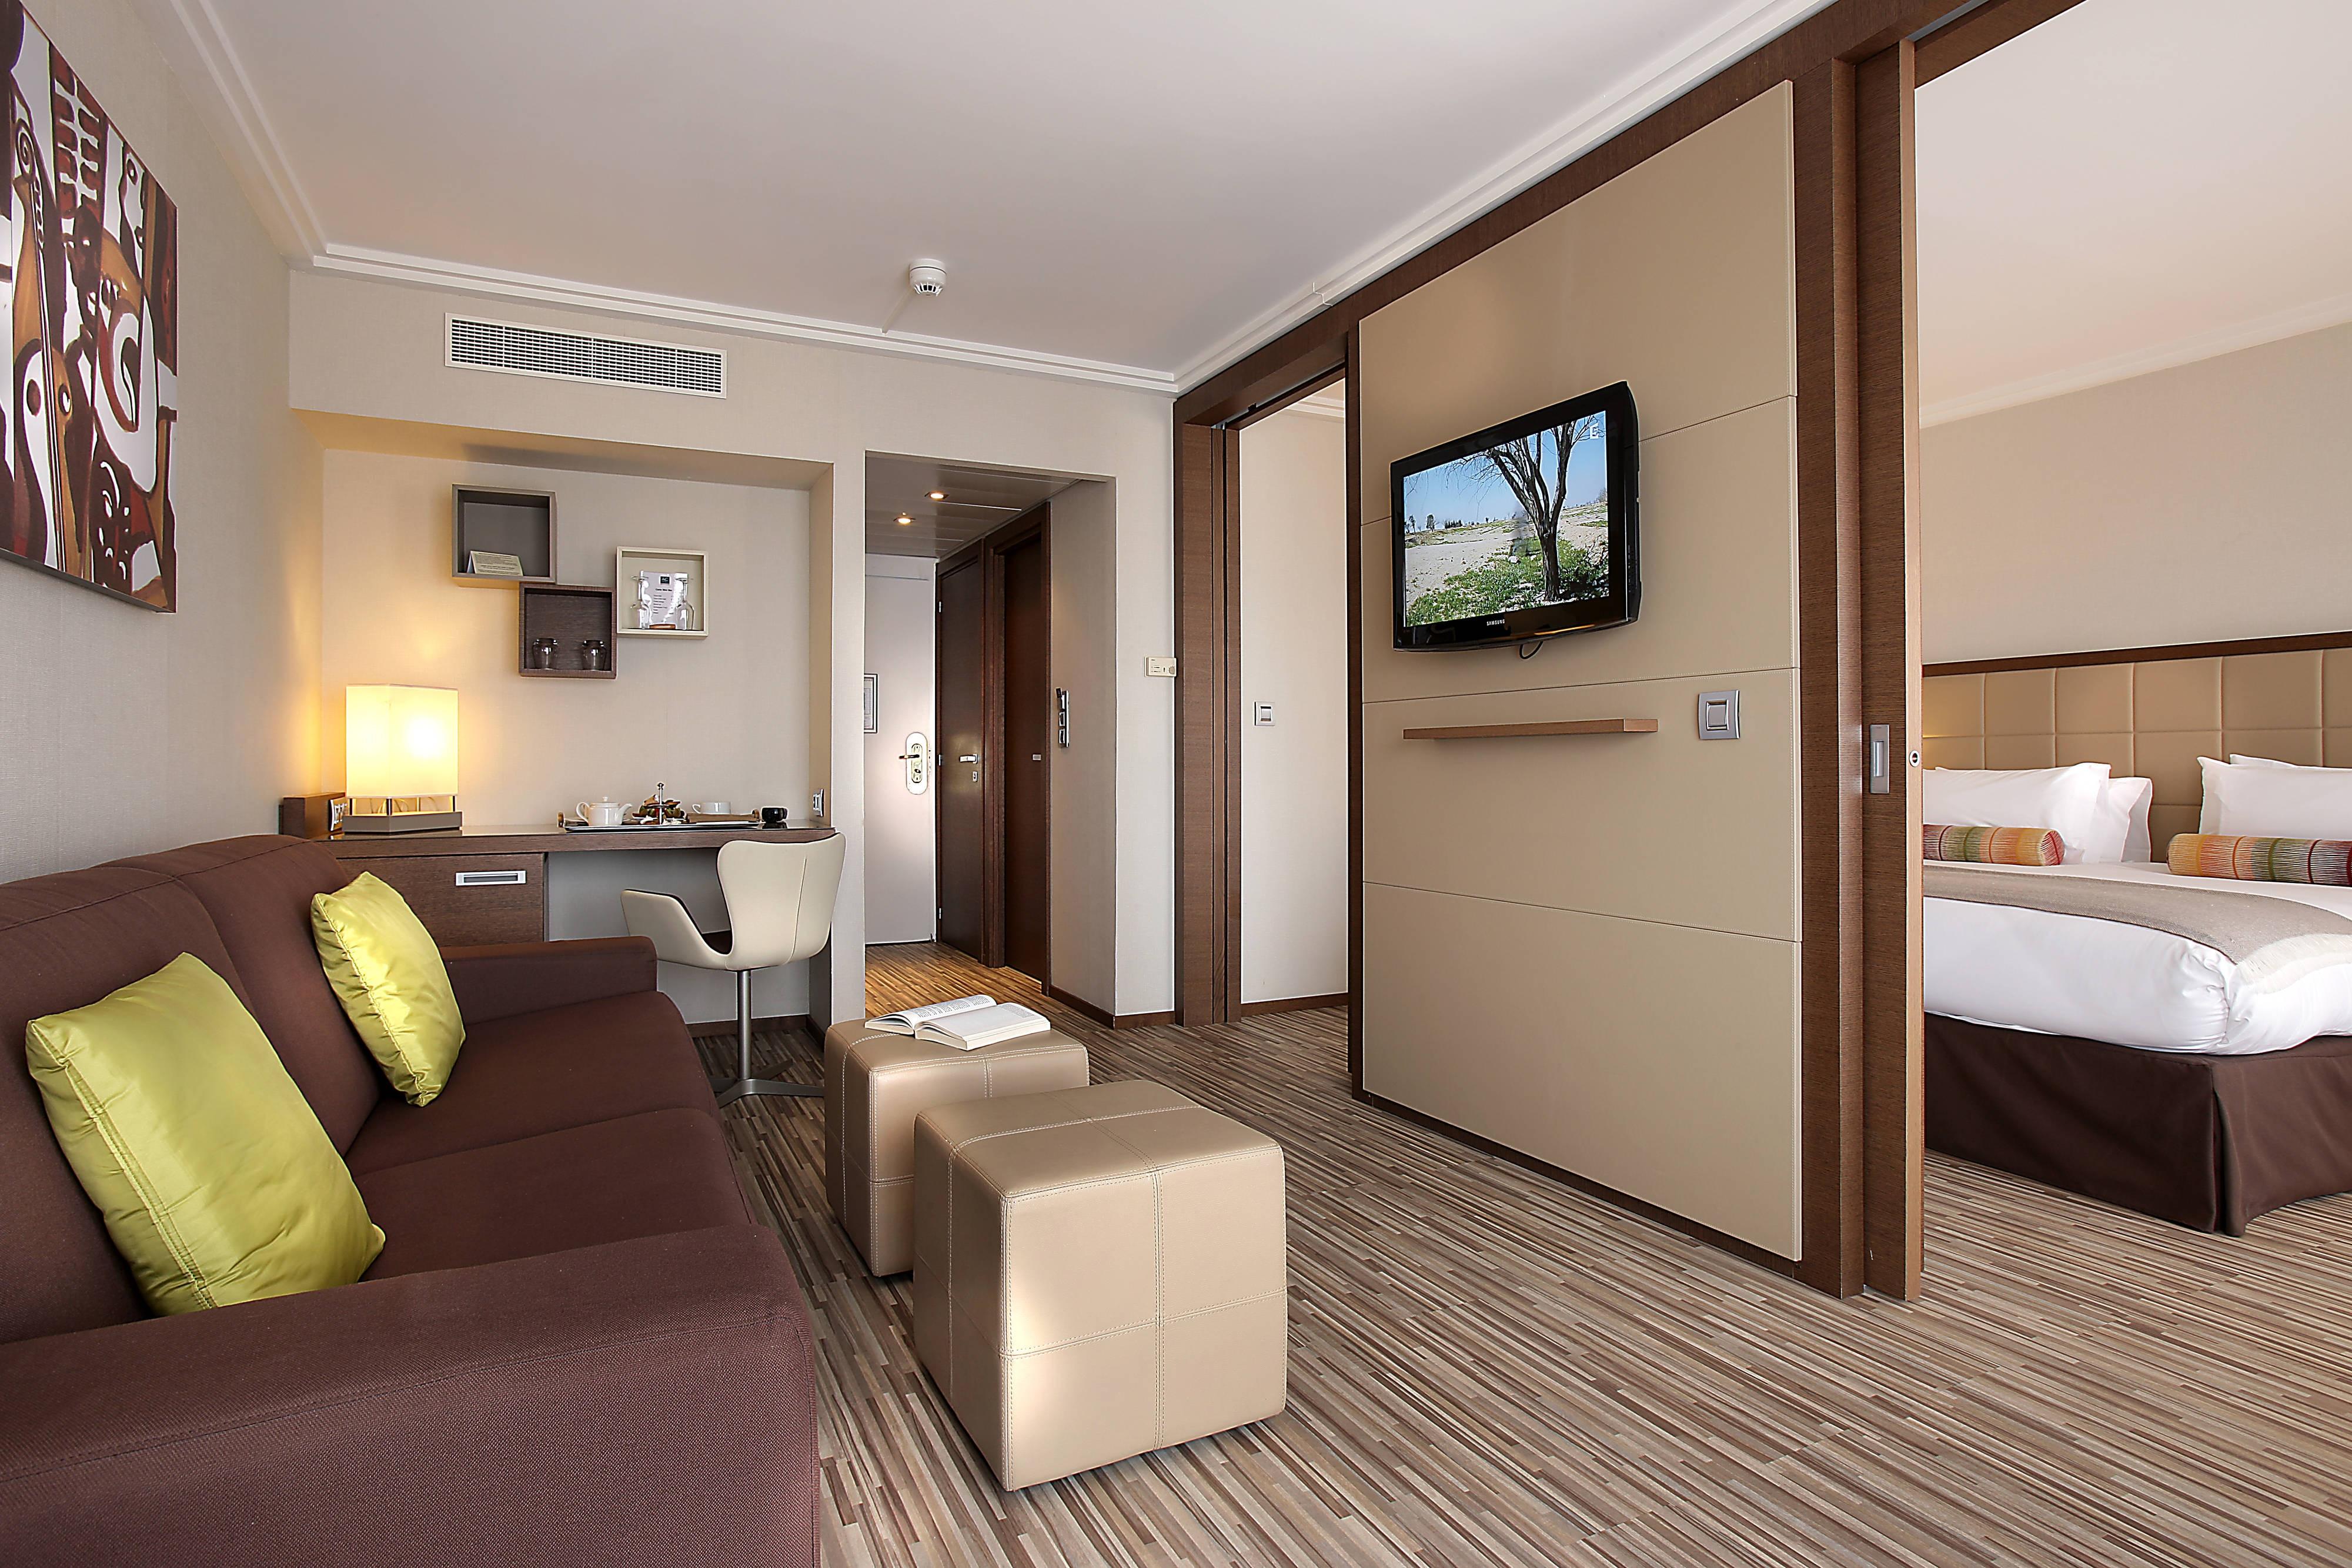 Suites d'hôtel à proximité de la plage sur la Côte d'Azur